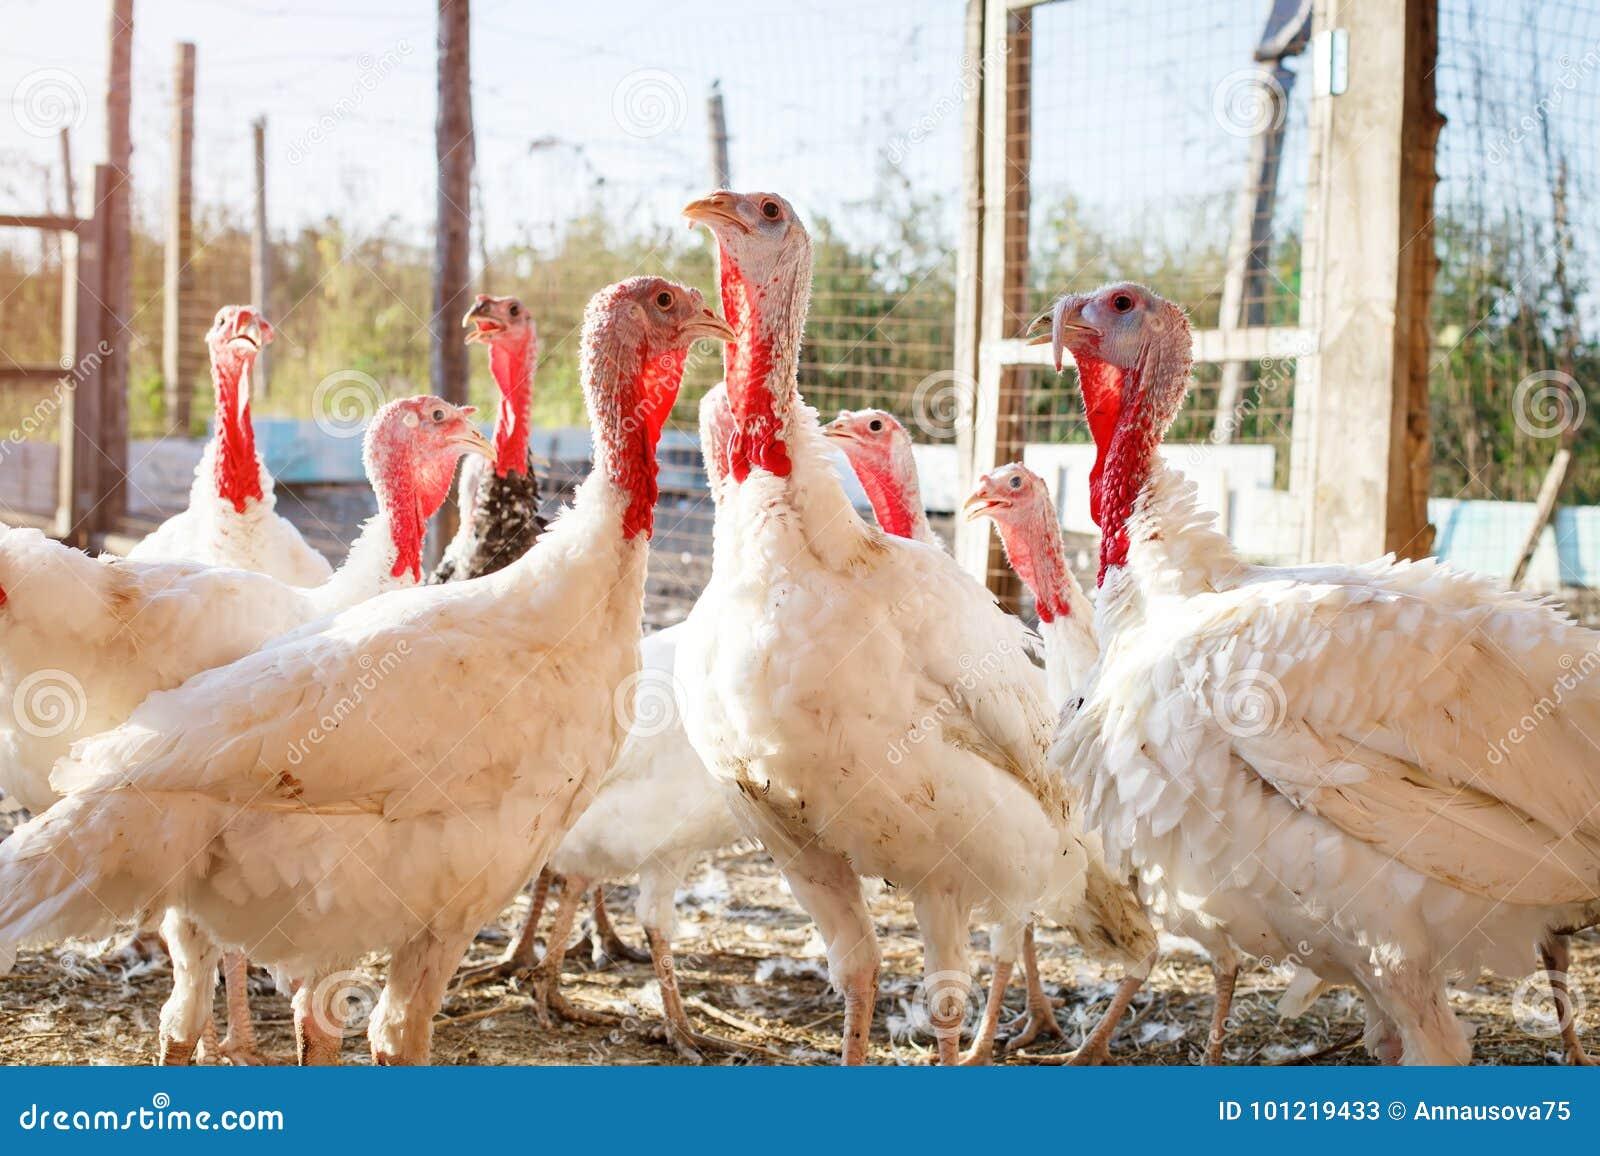 Tacchini su un azienda avicola tradizionale